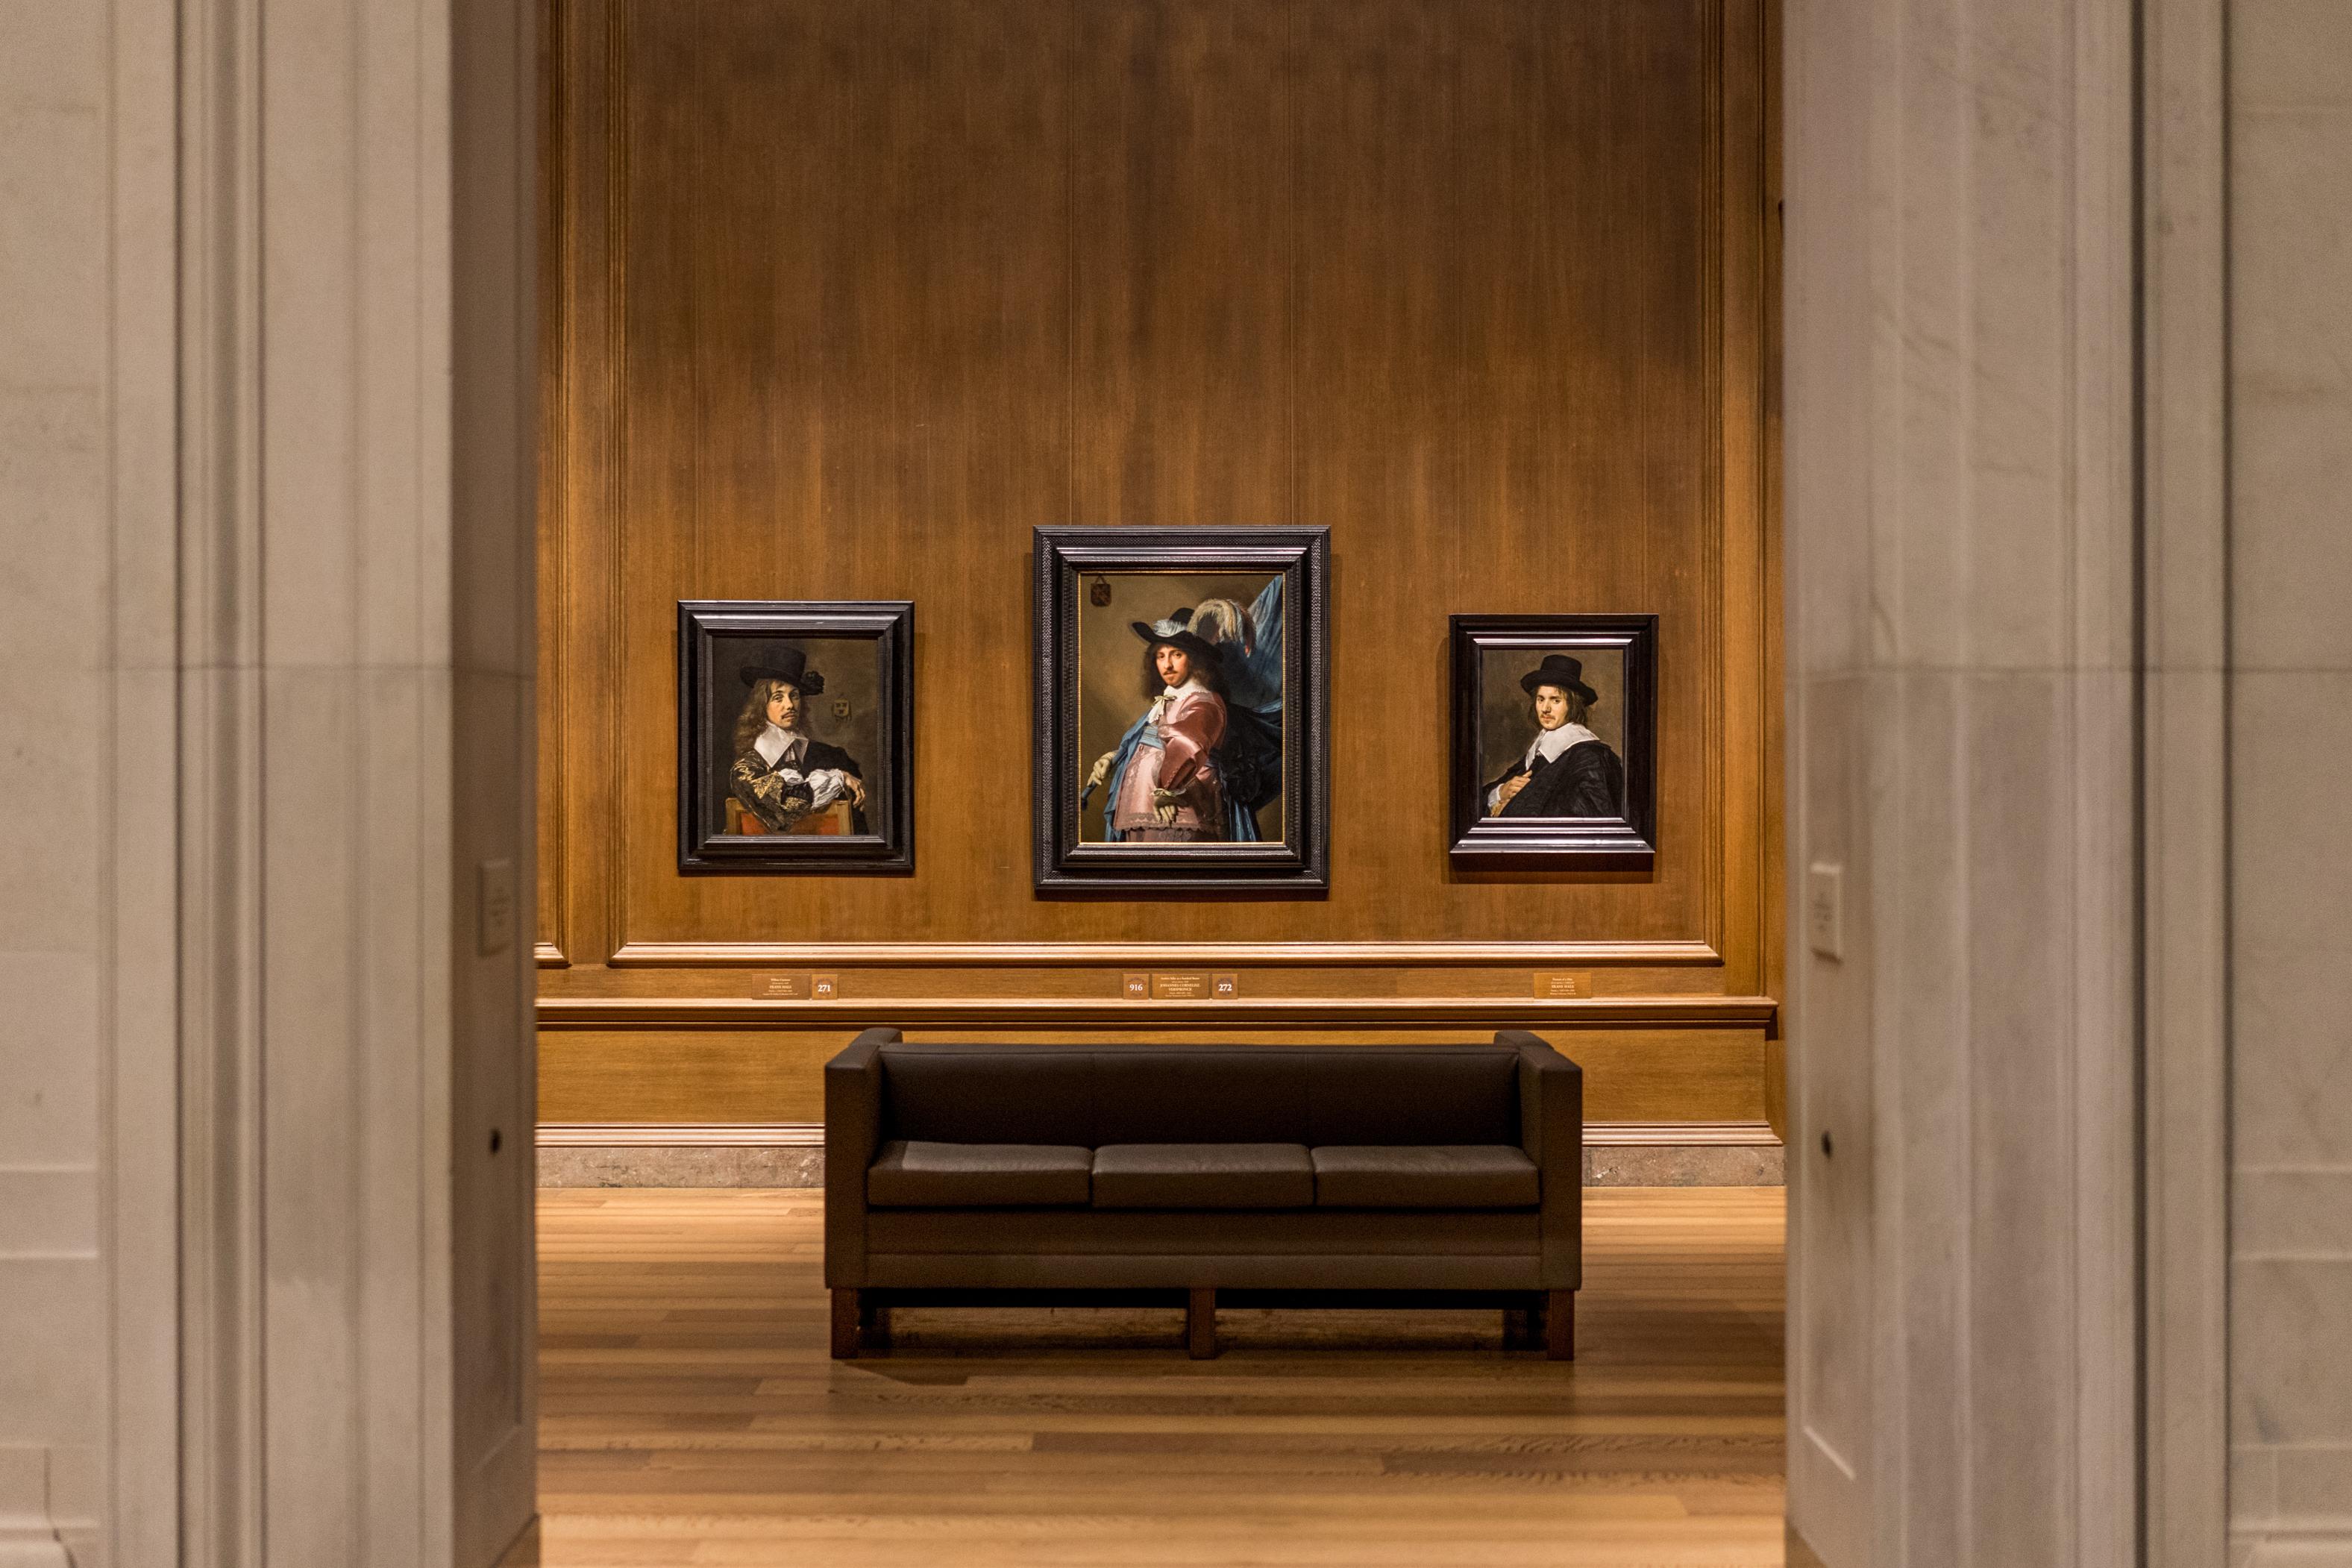 Fond d 39 cran la peinture chambre mur bois sony for Interieur artistique